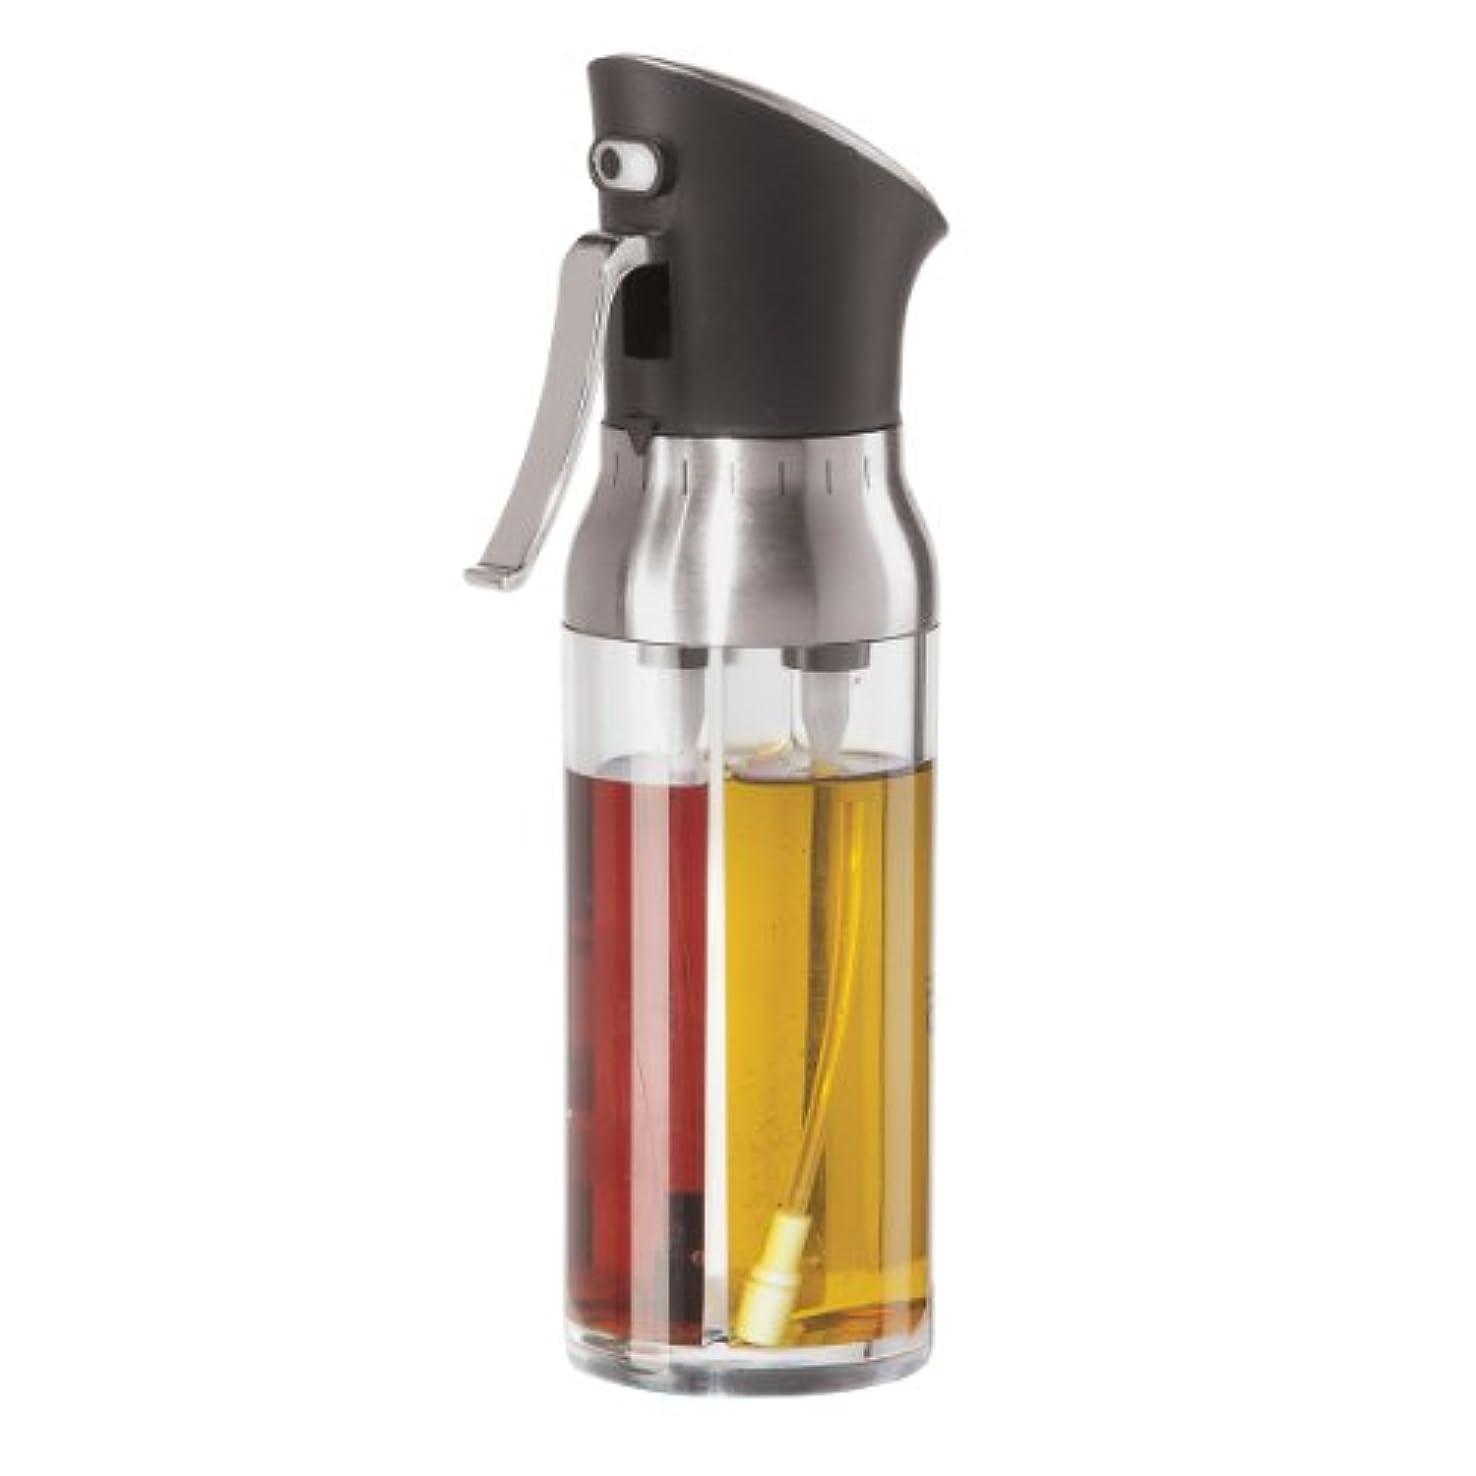 本能一緒にホイールOggi 6004 Mix and Mist Combination Oil and Vinegar Spray Bottle